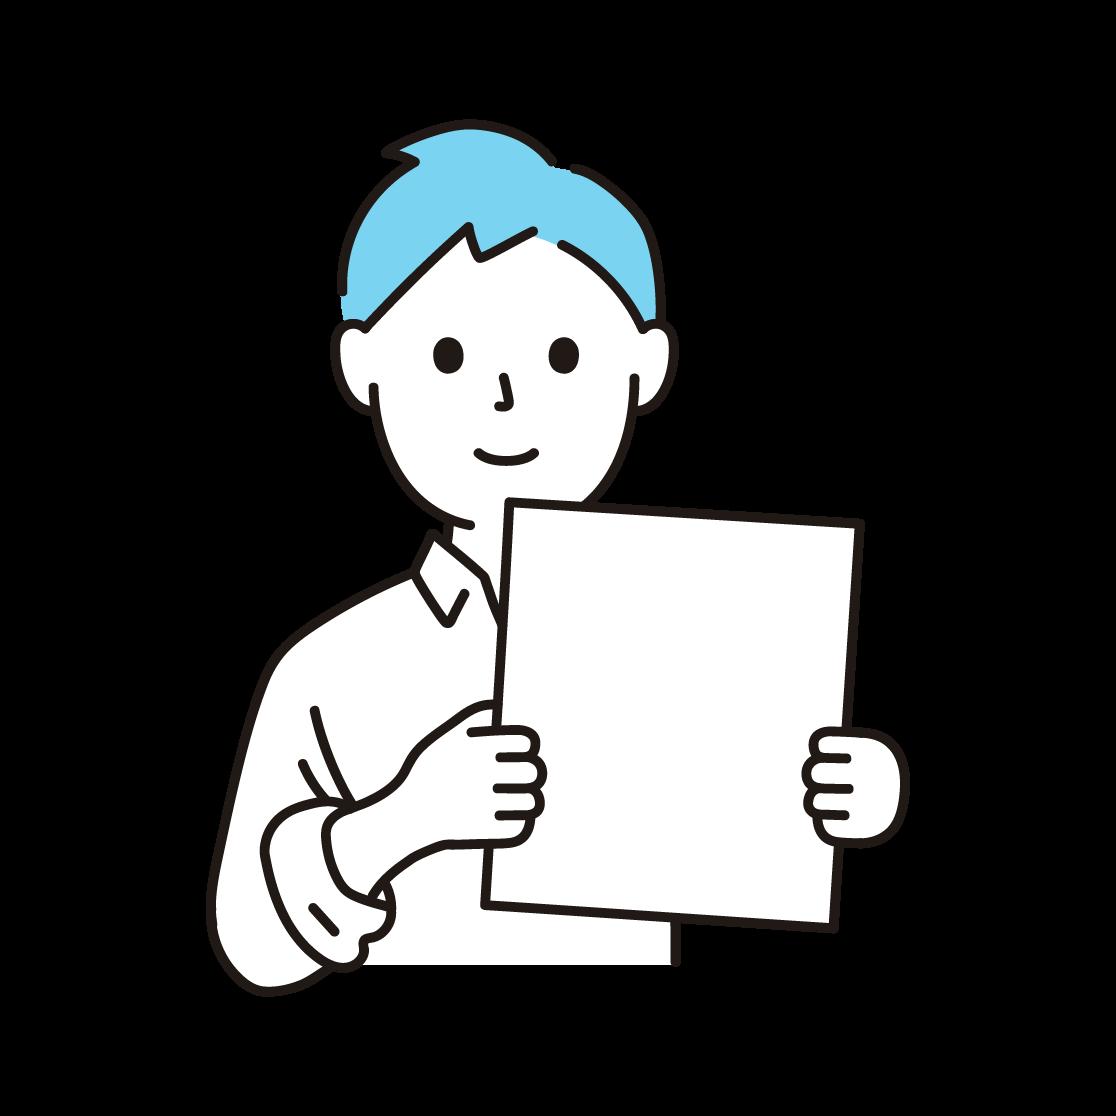 紙・ボードをもつ男性の単色イラスト